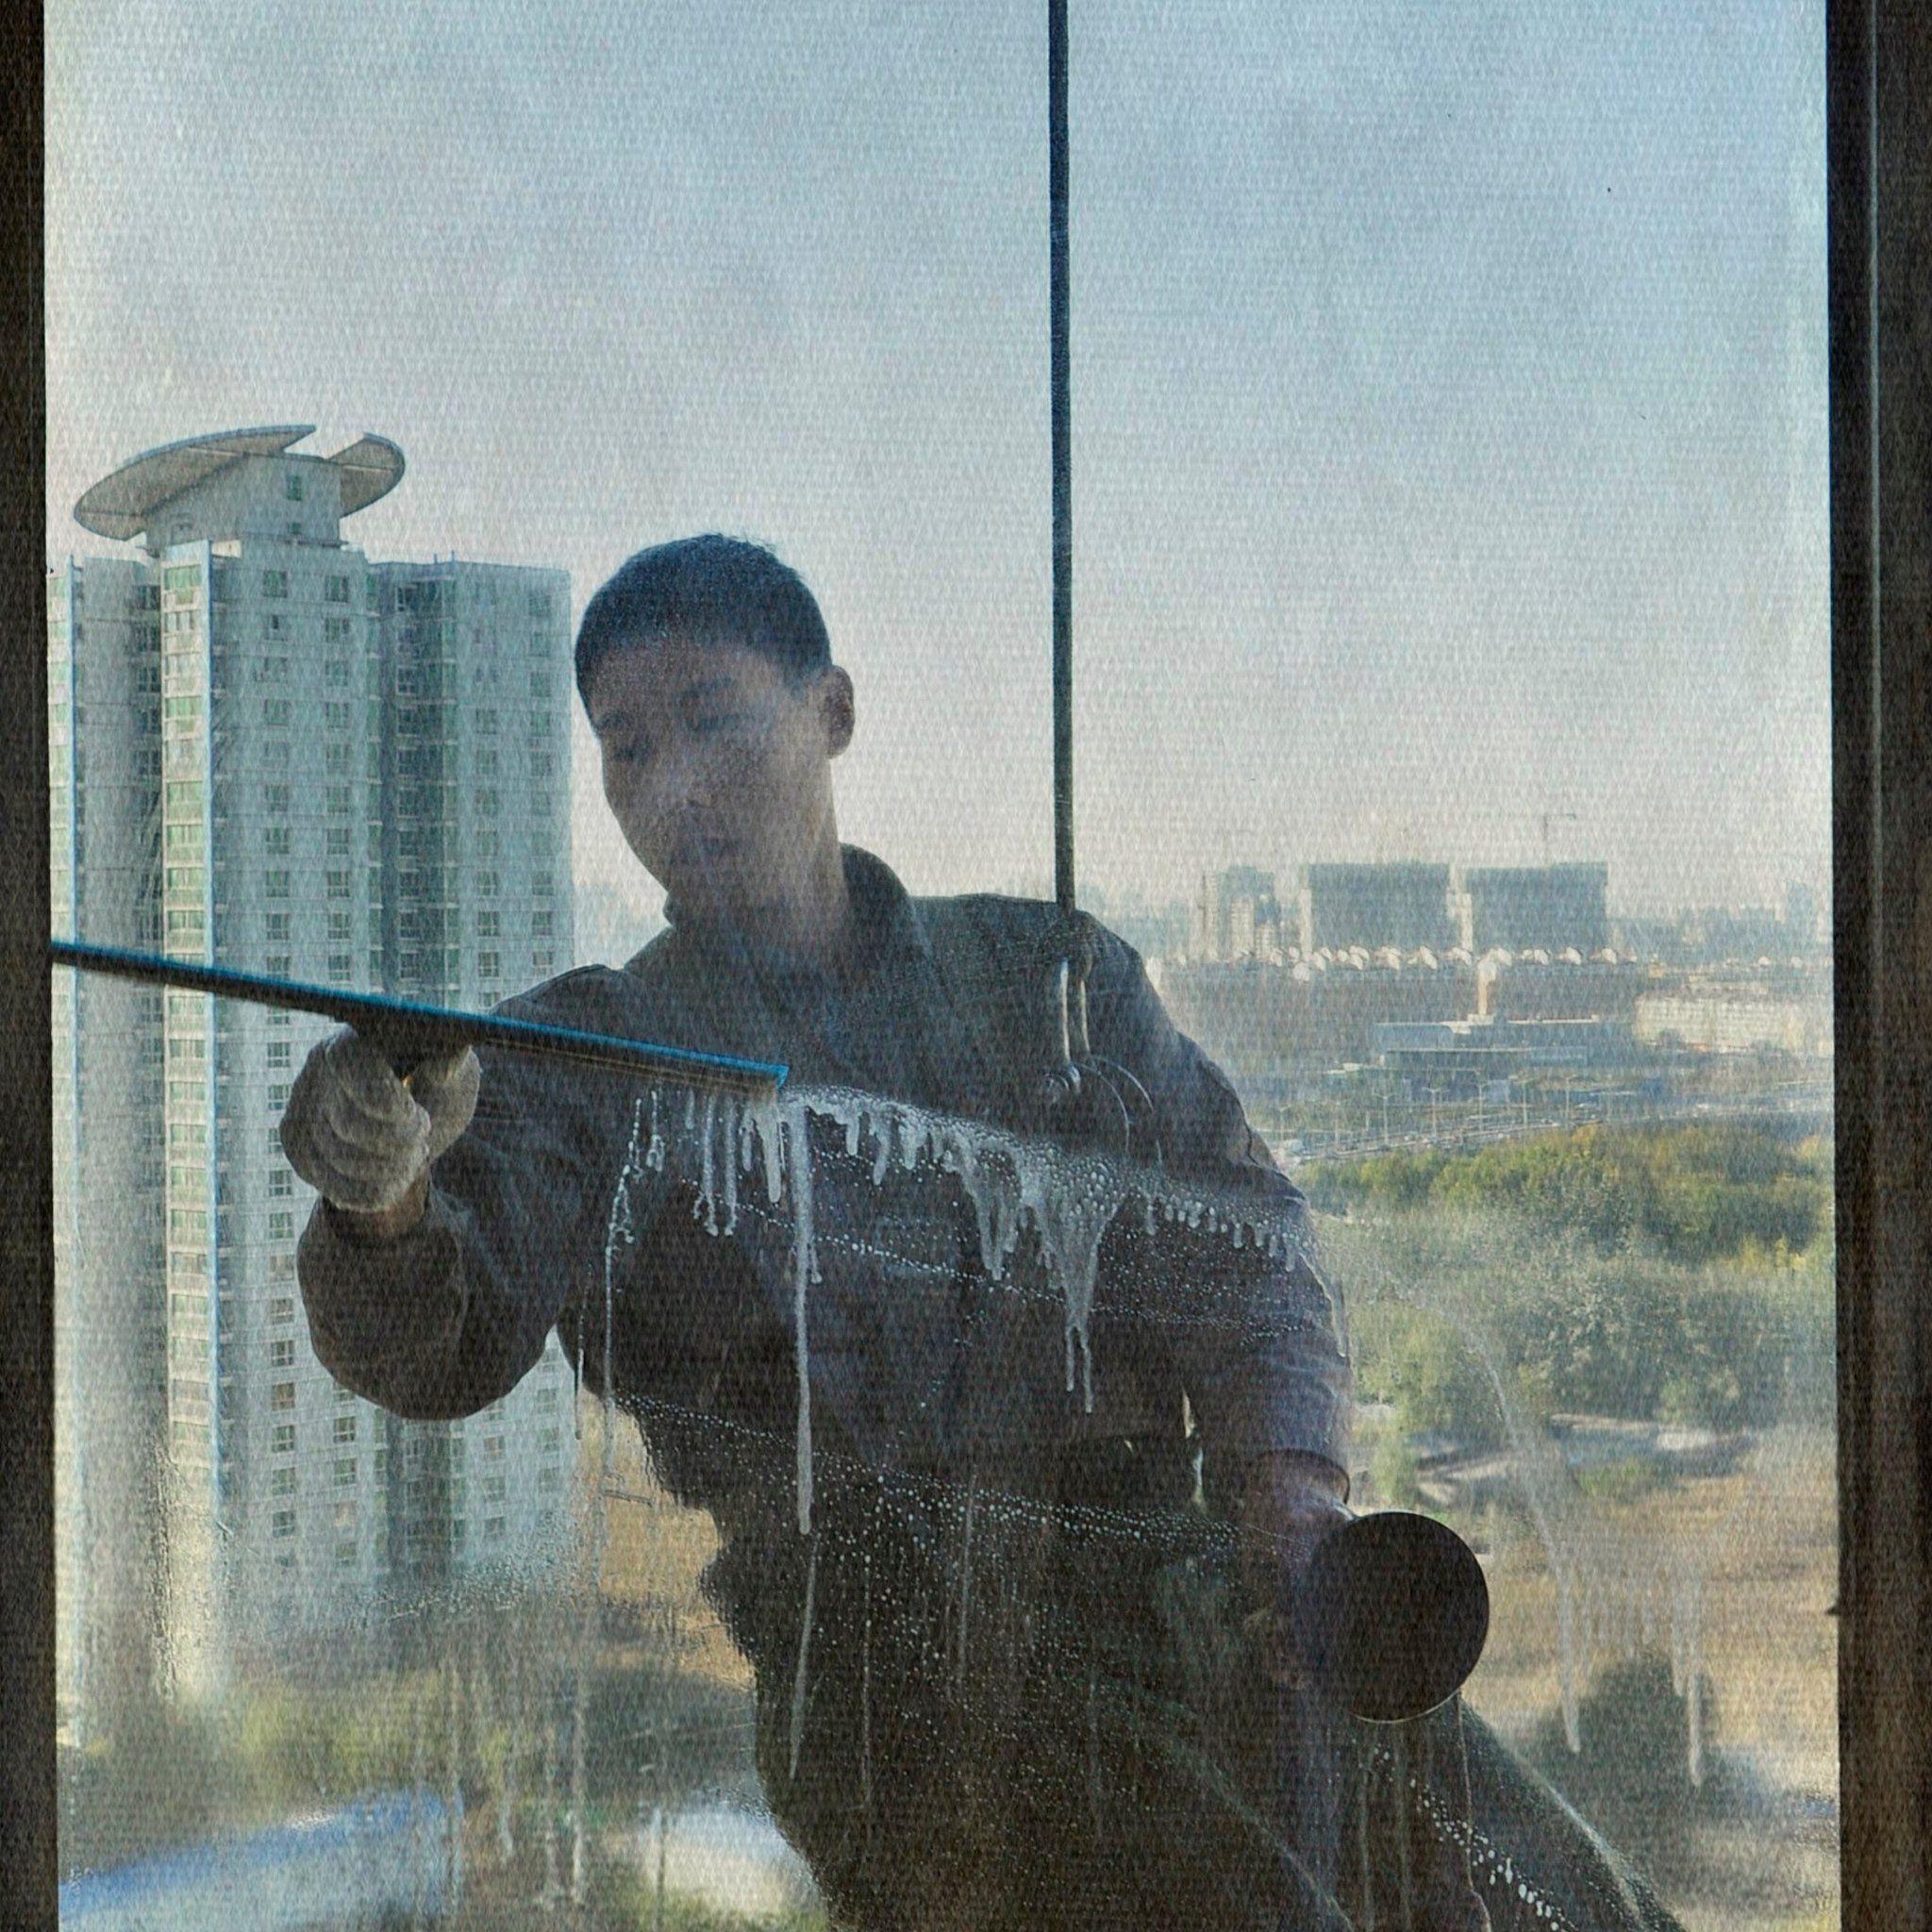 Window cleaner in Beijing